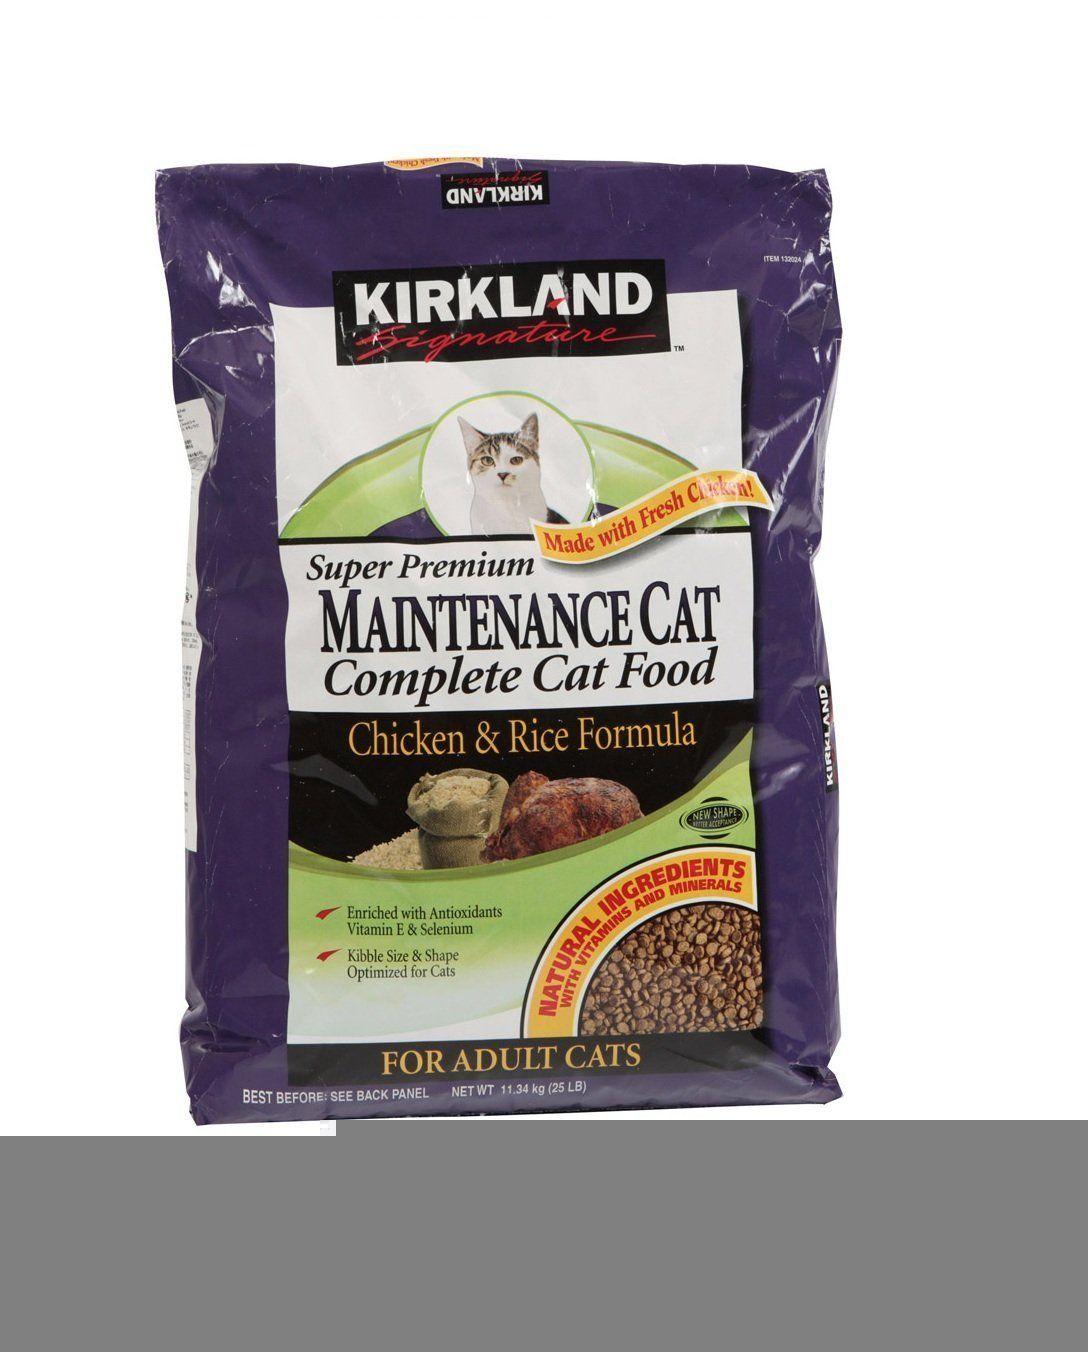 Kirkland Signature Super Premium Adult Complete Cat Food